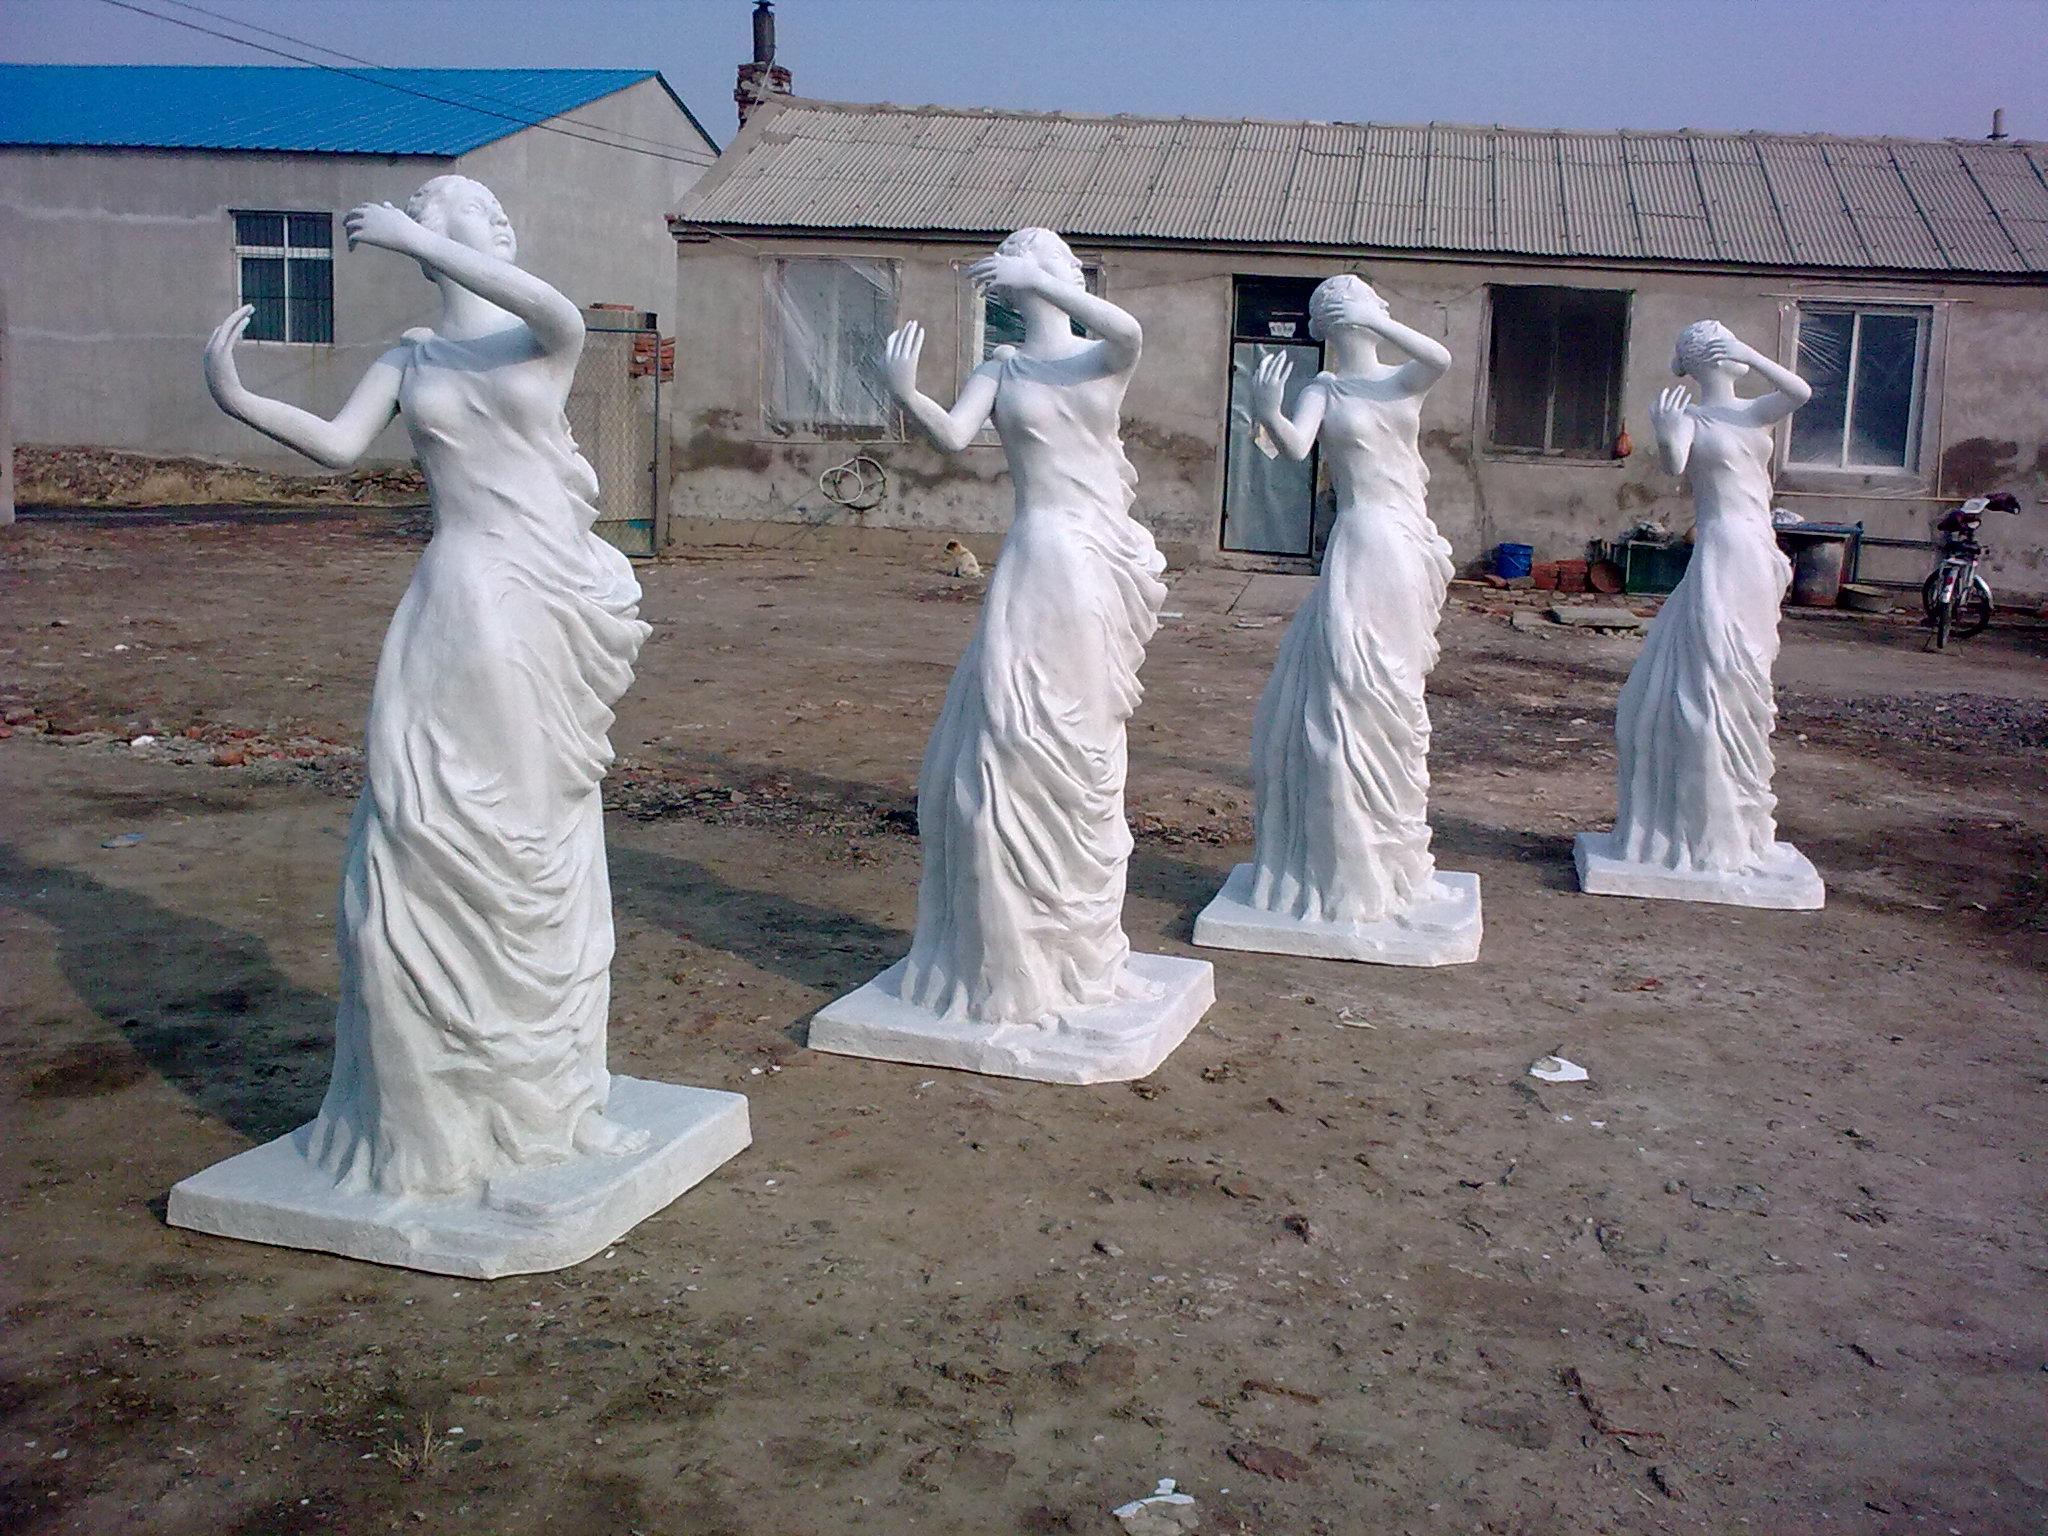 供应玻璃钢人像雕塑厂家公园景观装饰品